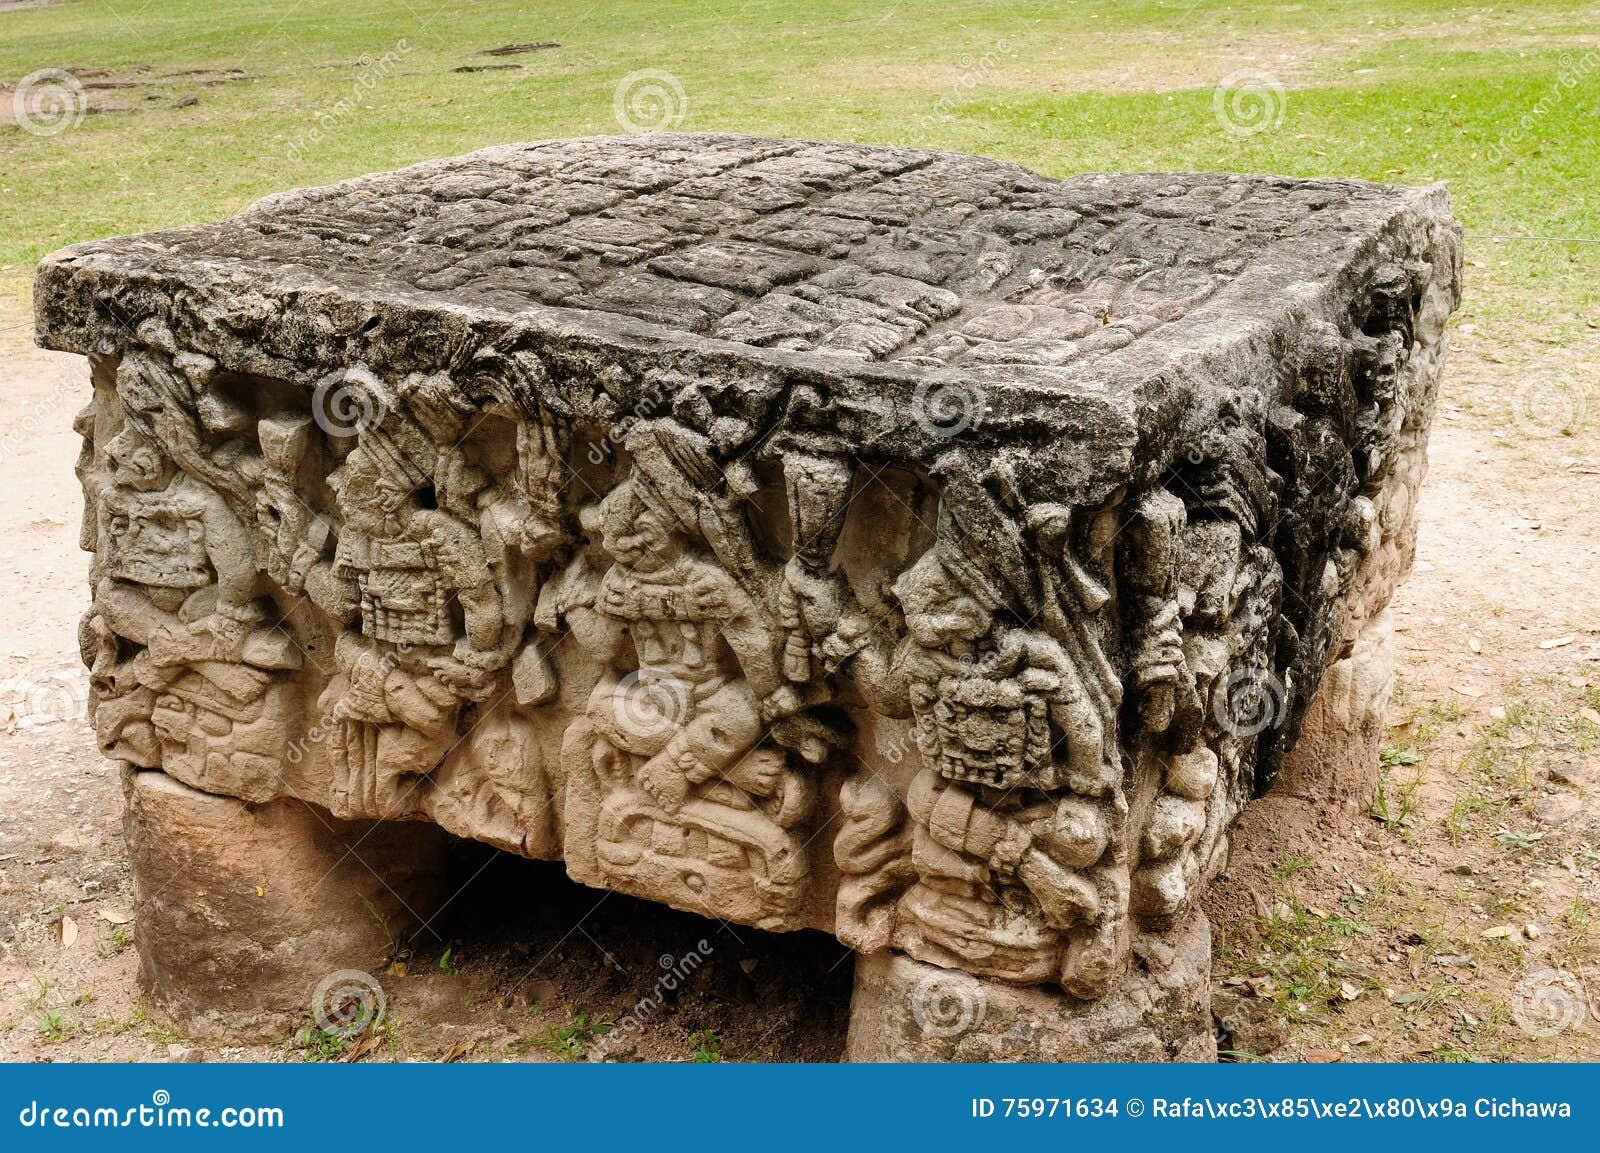 mayan sacrifice table - 612×406